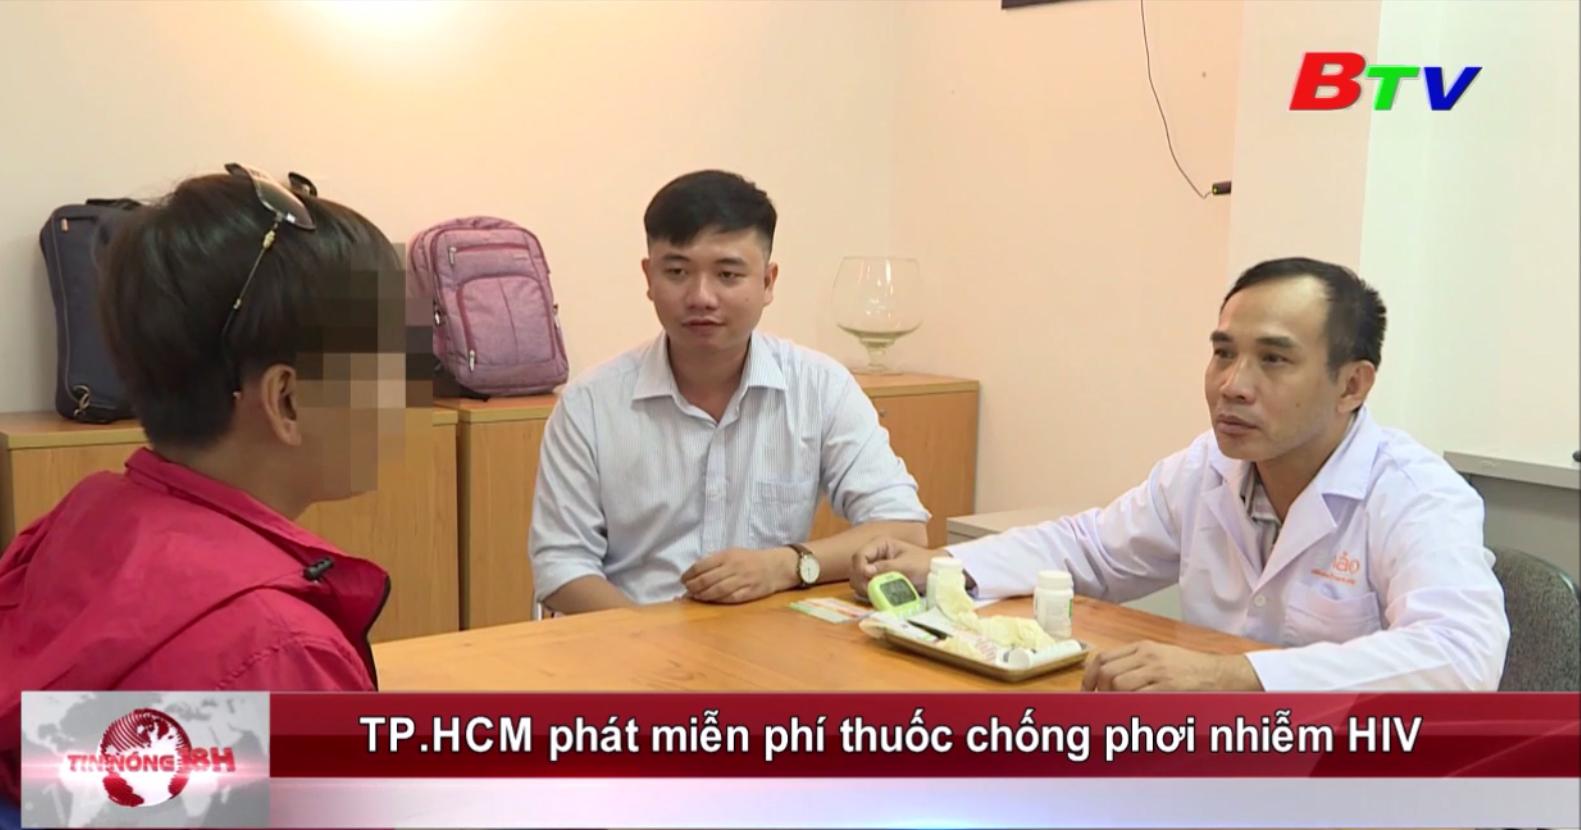 TP.HCM phát miễn phí thuốc chống phơi nhiễm HIV